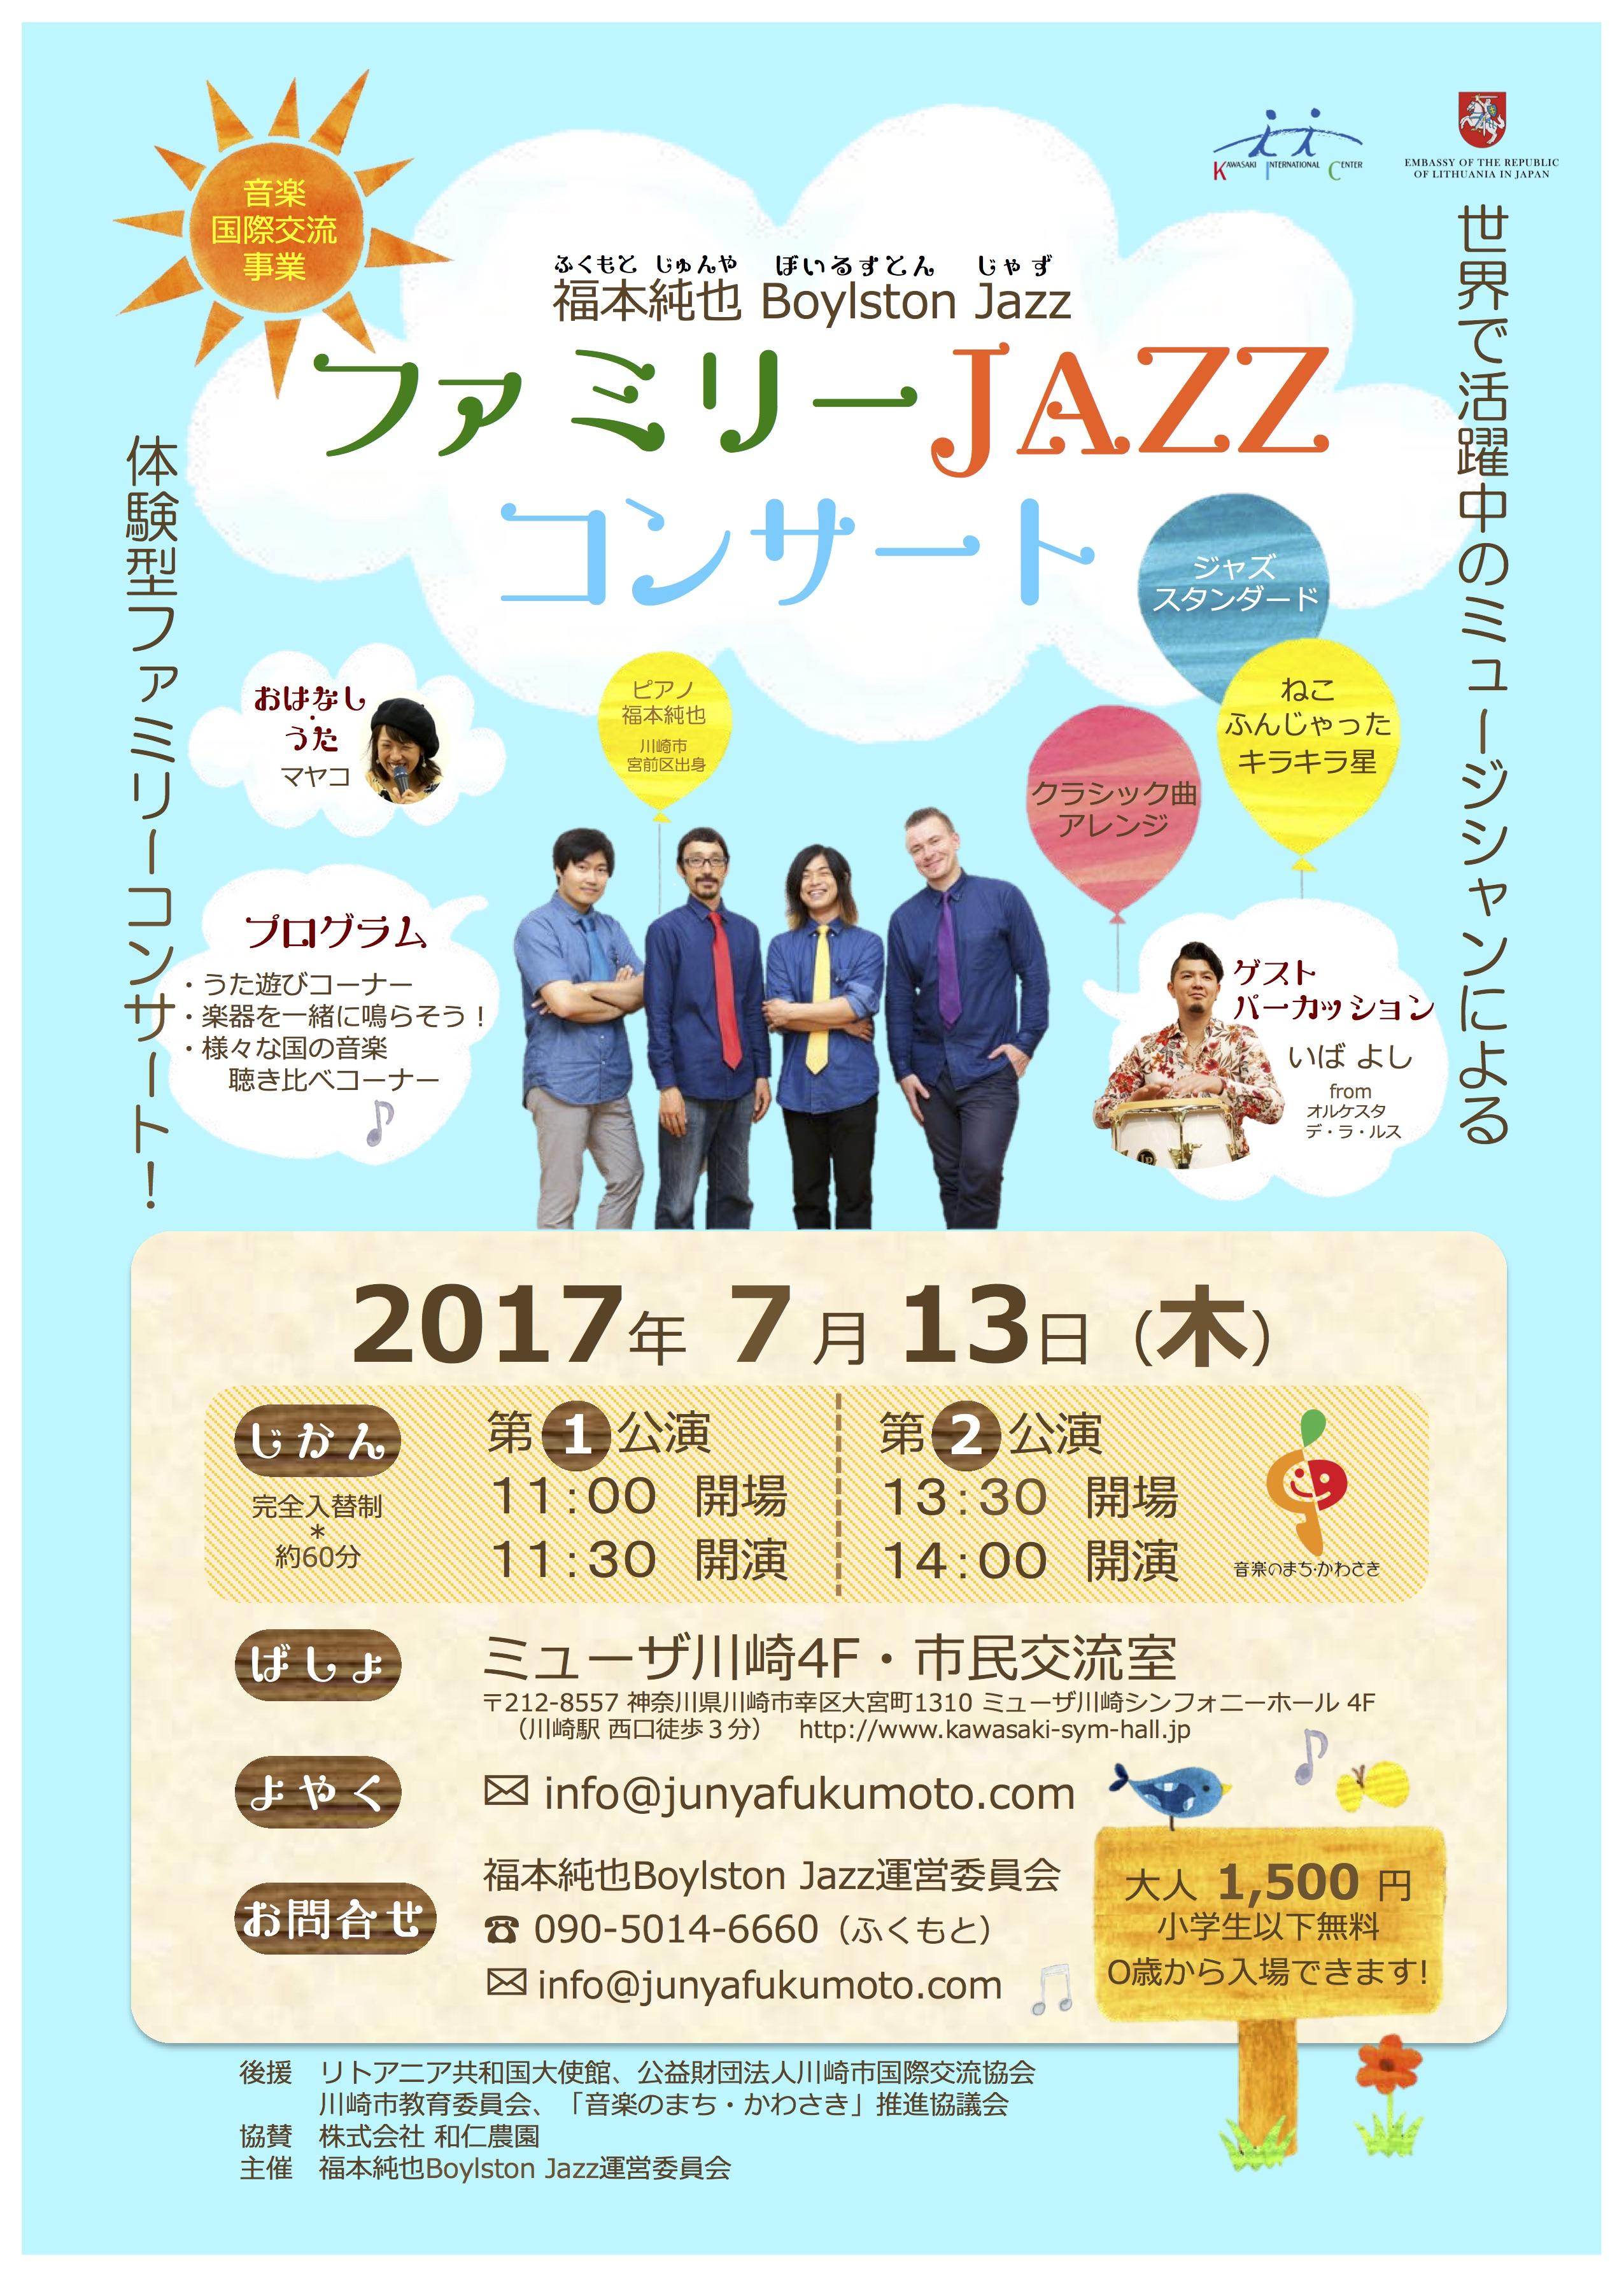 20170713【チラシオモテ】ミューザ川崎 copy